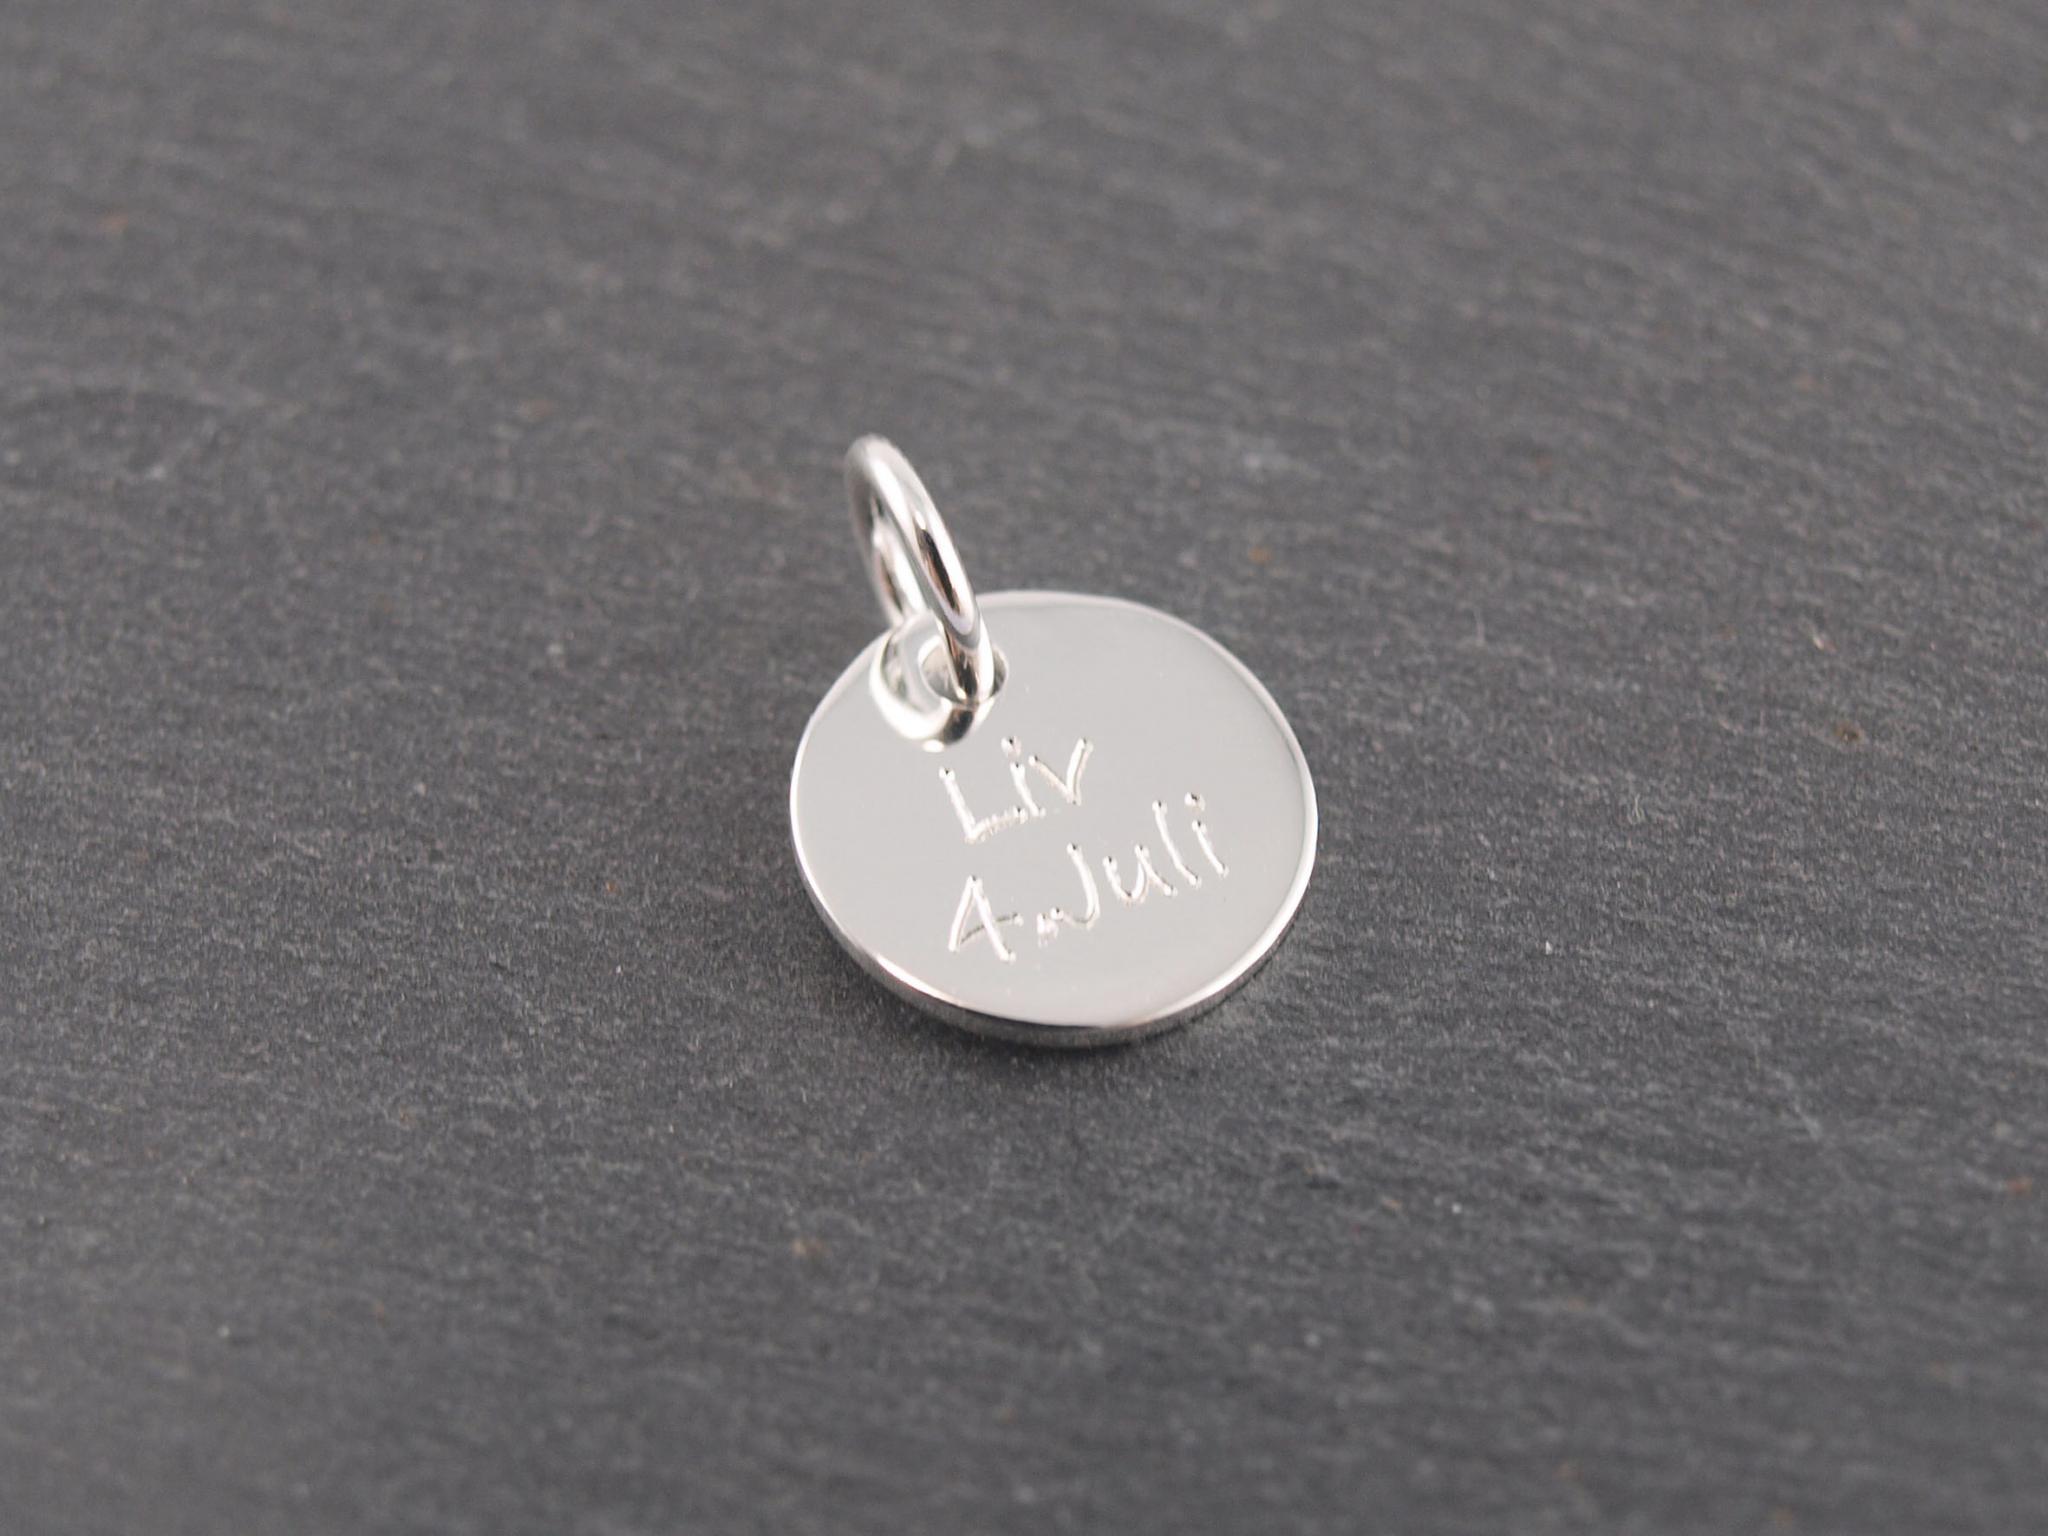 Gravuranhänger aus Silber mit Wunsch Gravur rund 10 mm